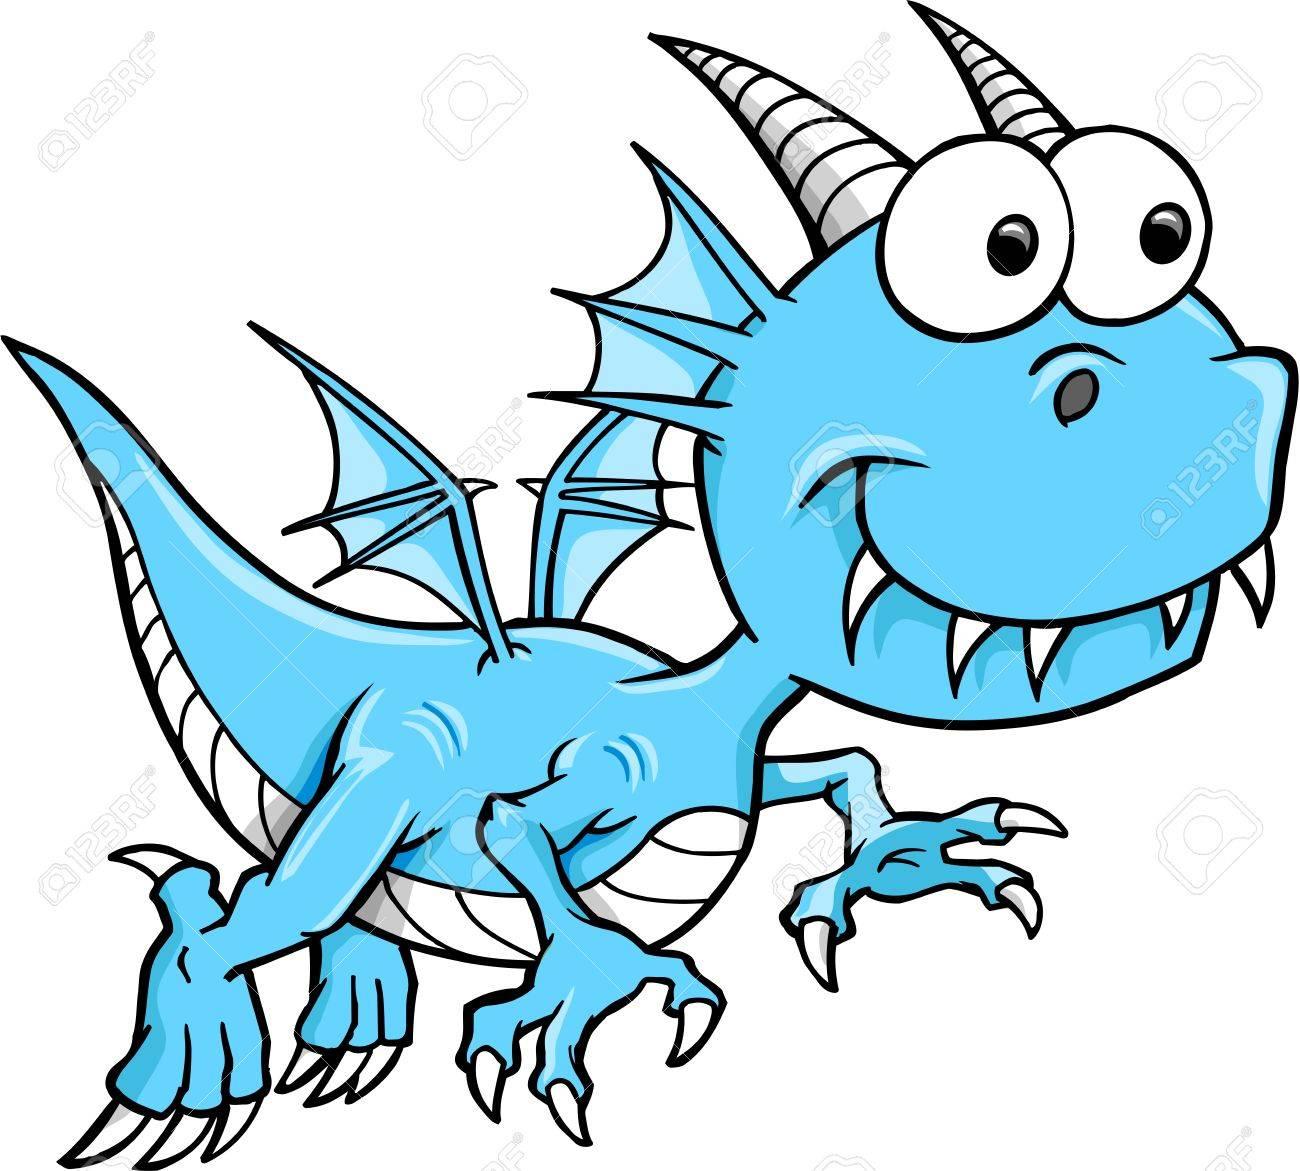 グーフィーの愚かな青いドラゴン ベクトル動物イラスト アートのイラスト